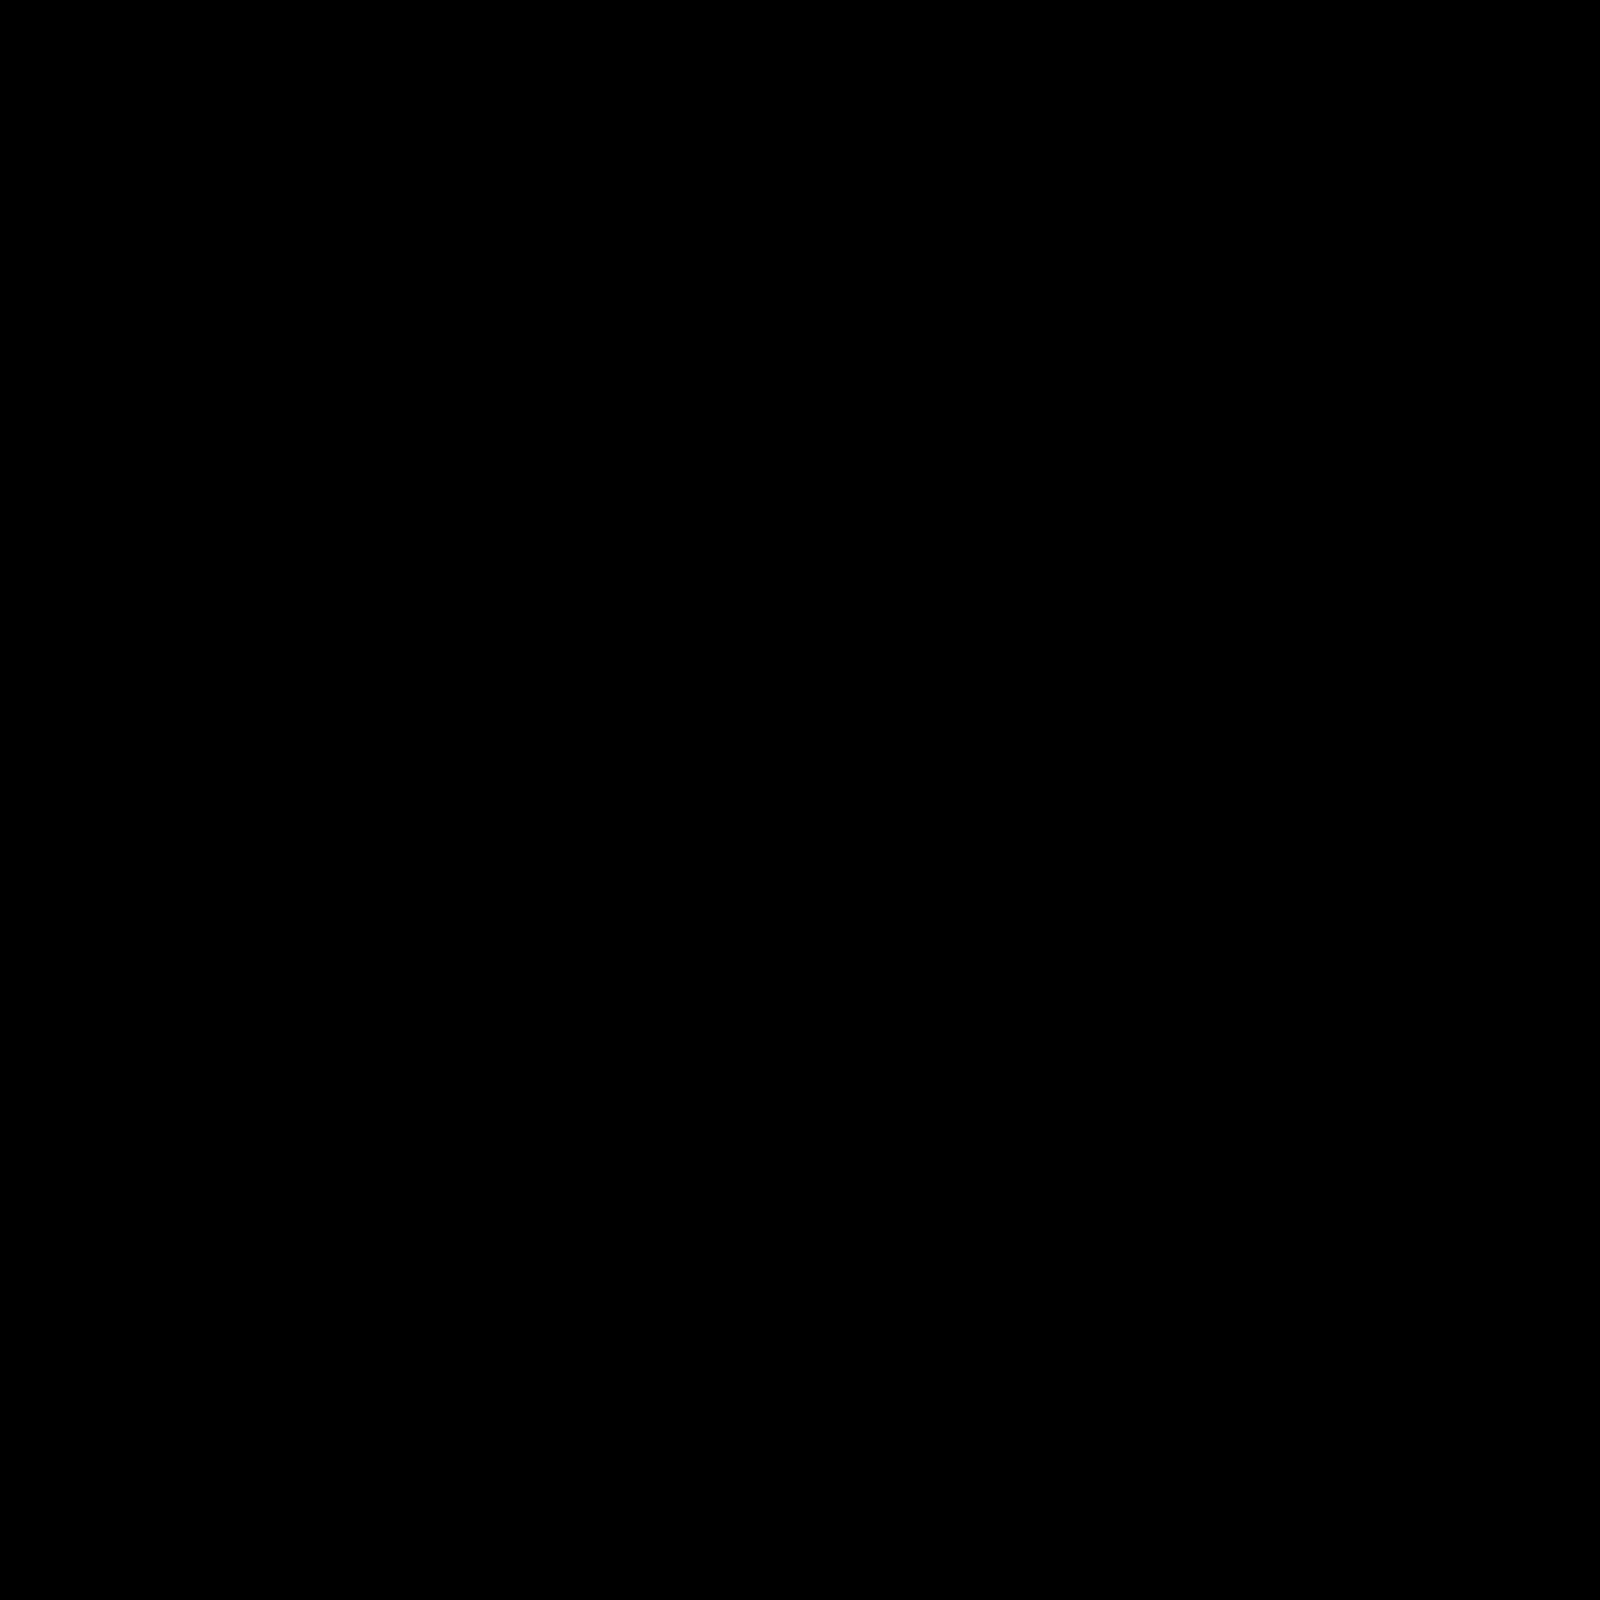 Crayon icon